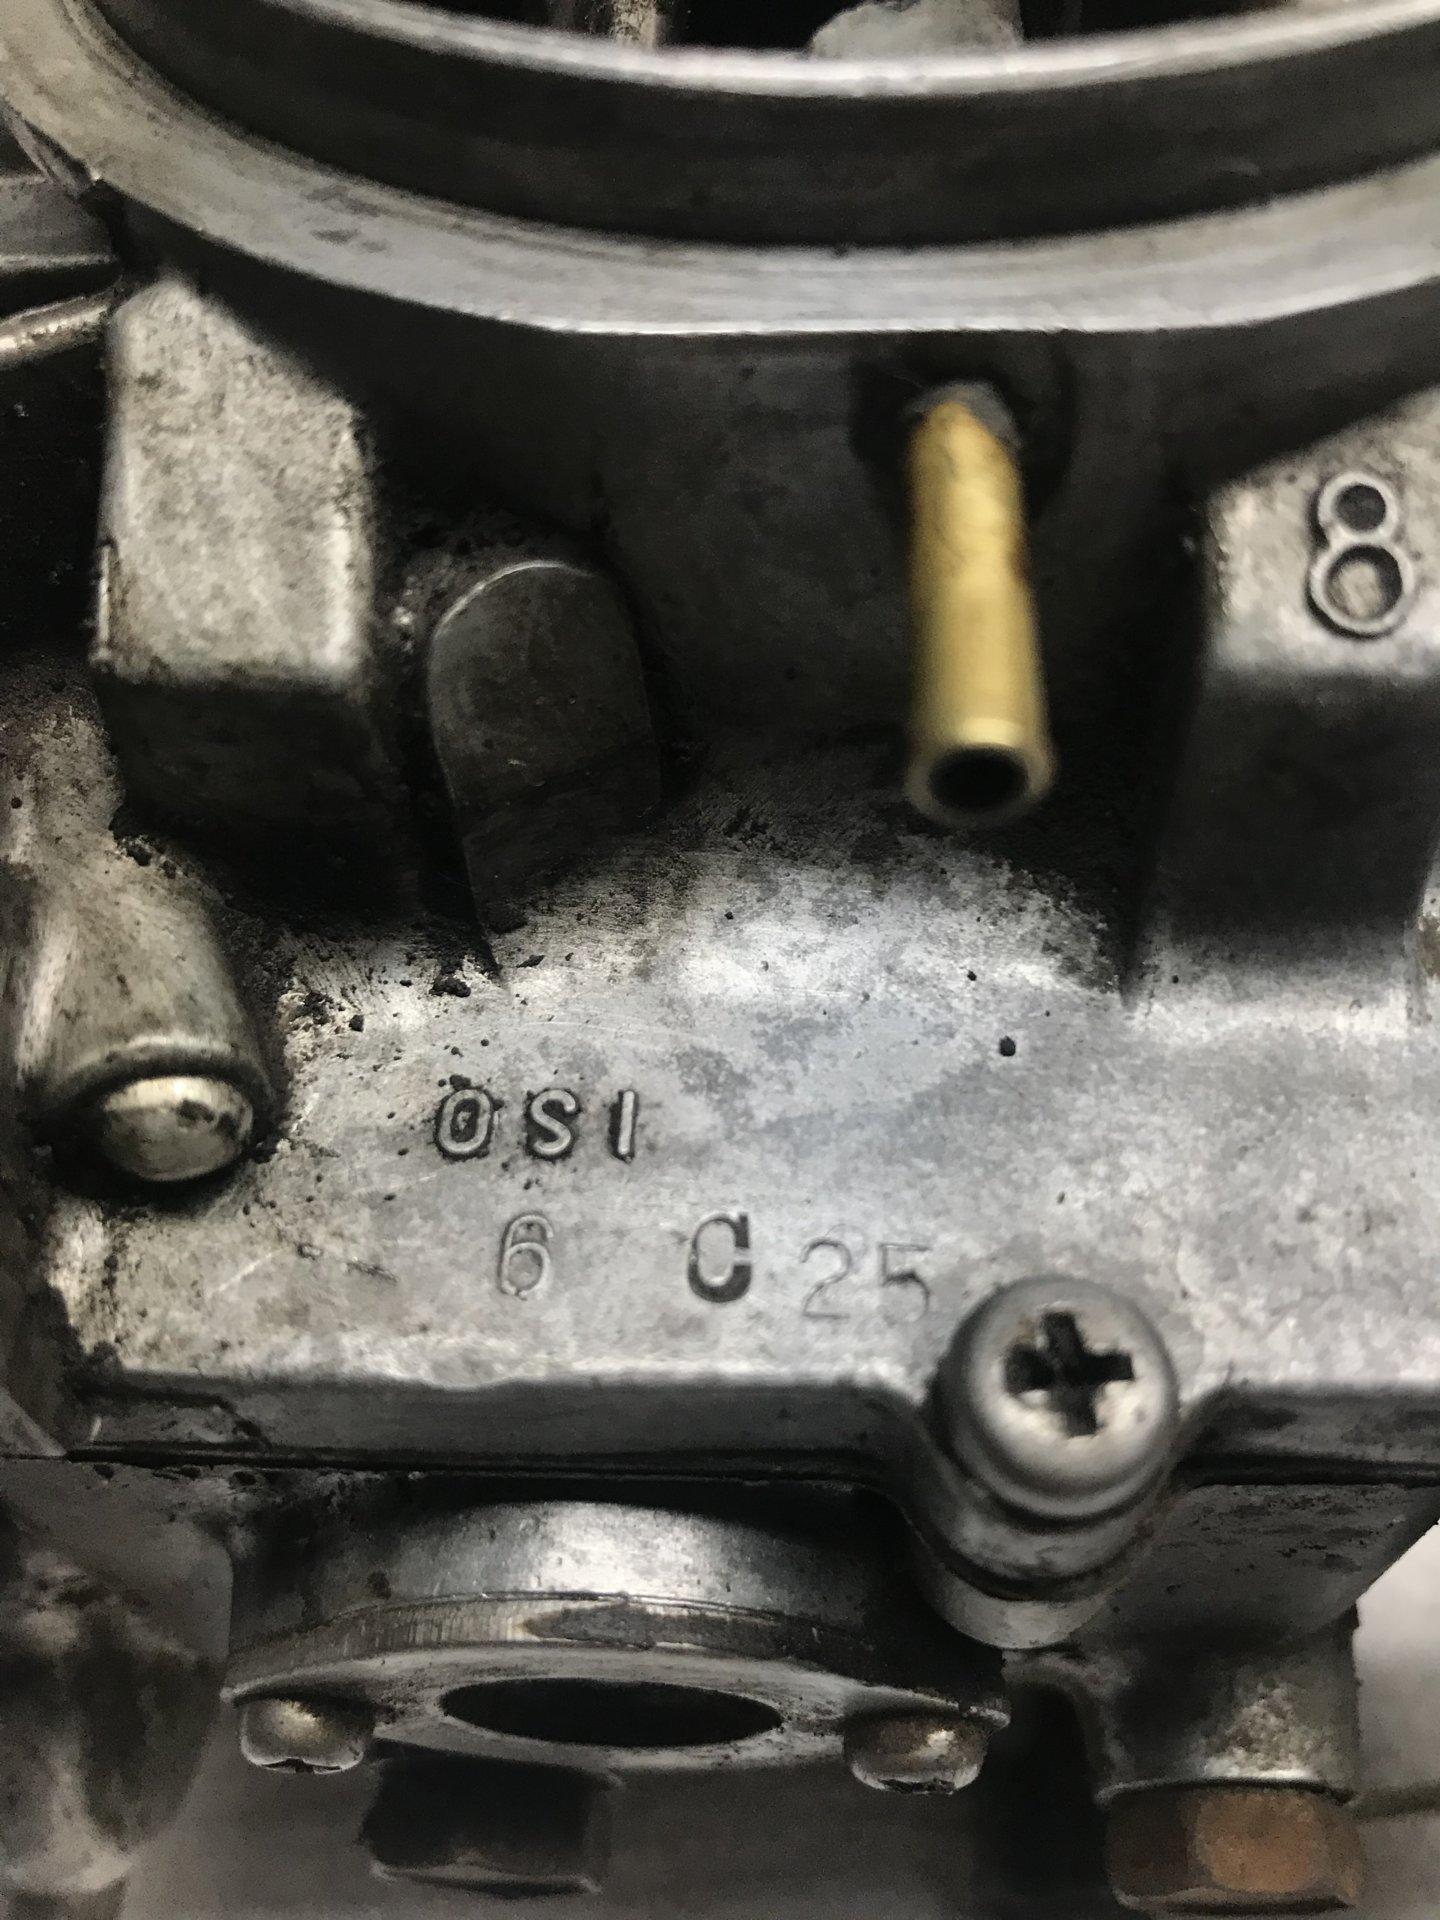 7901476C-D902-4A51-BAC3-8EAE39E93B60.jpeg